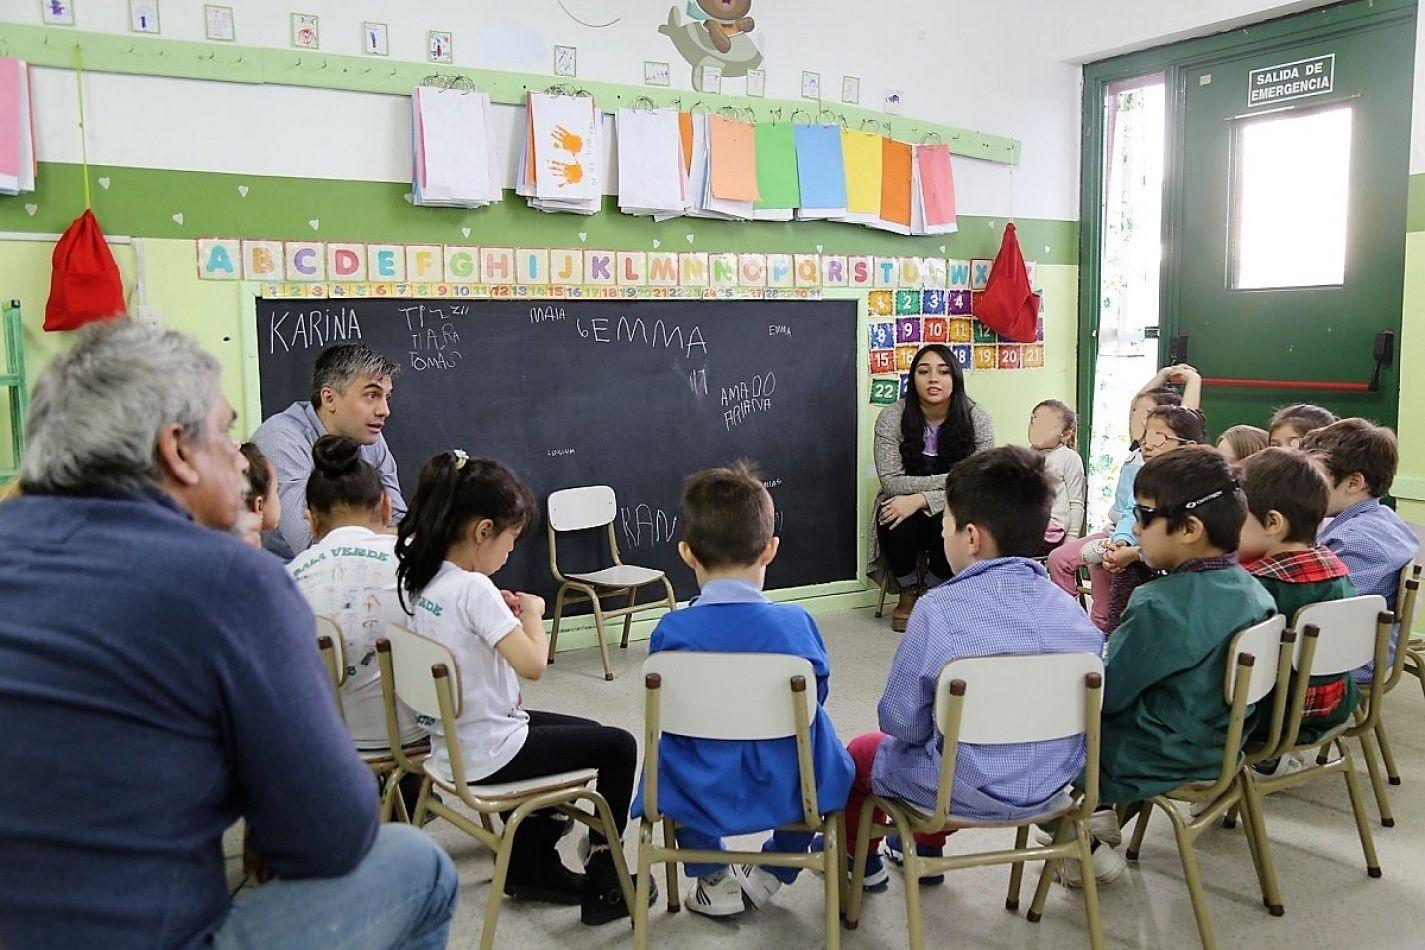 Rossi disfruto de una jornada de aprendizaje con alumnos del Jardín 16.